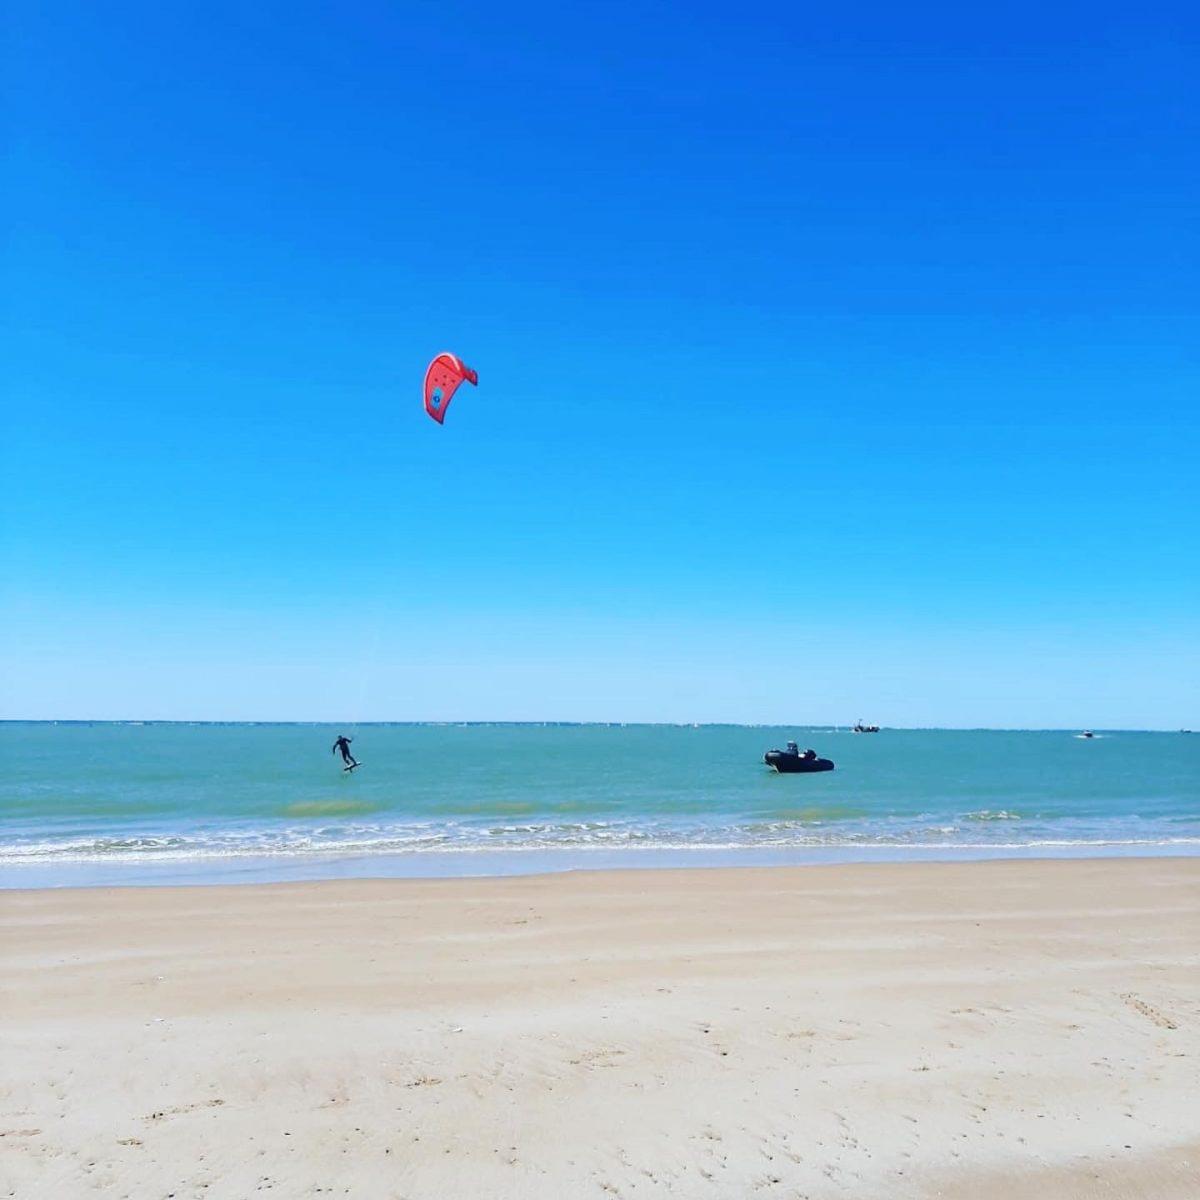 foil-pointedarçay-kitesurfvendee